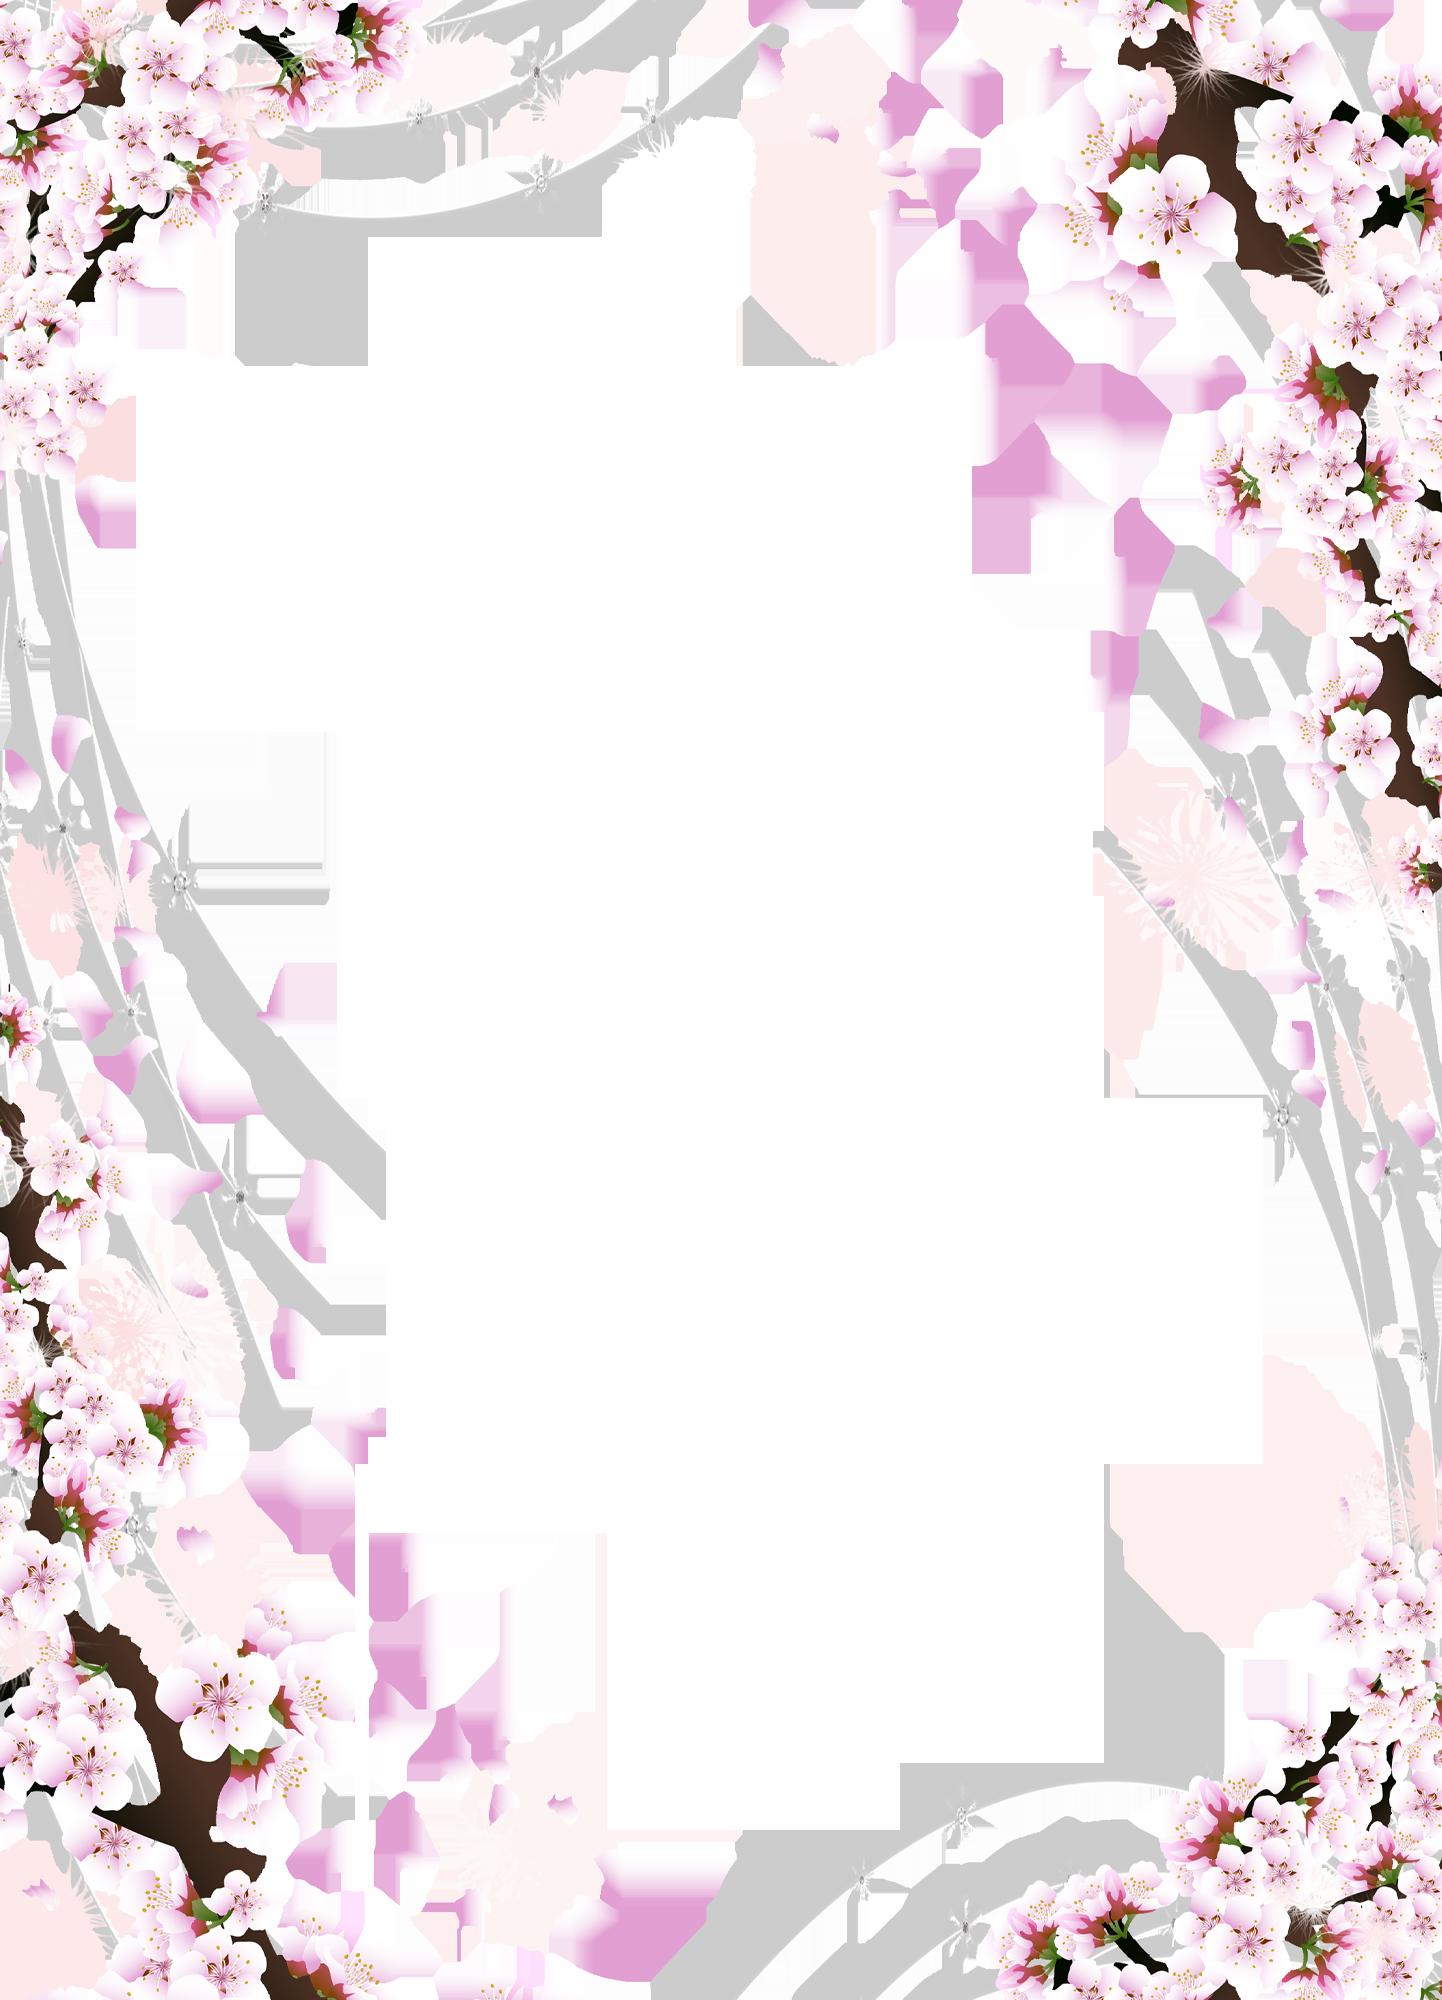 2508 1 442 2 000 Pixels Flower Frame Cherry Blossom Background Floral Border Design